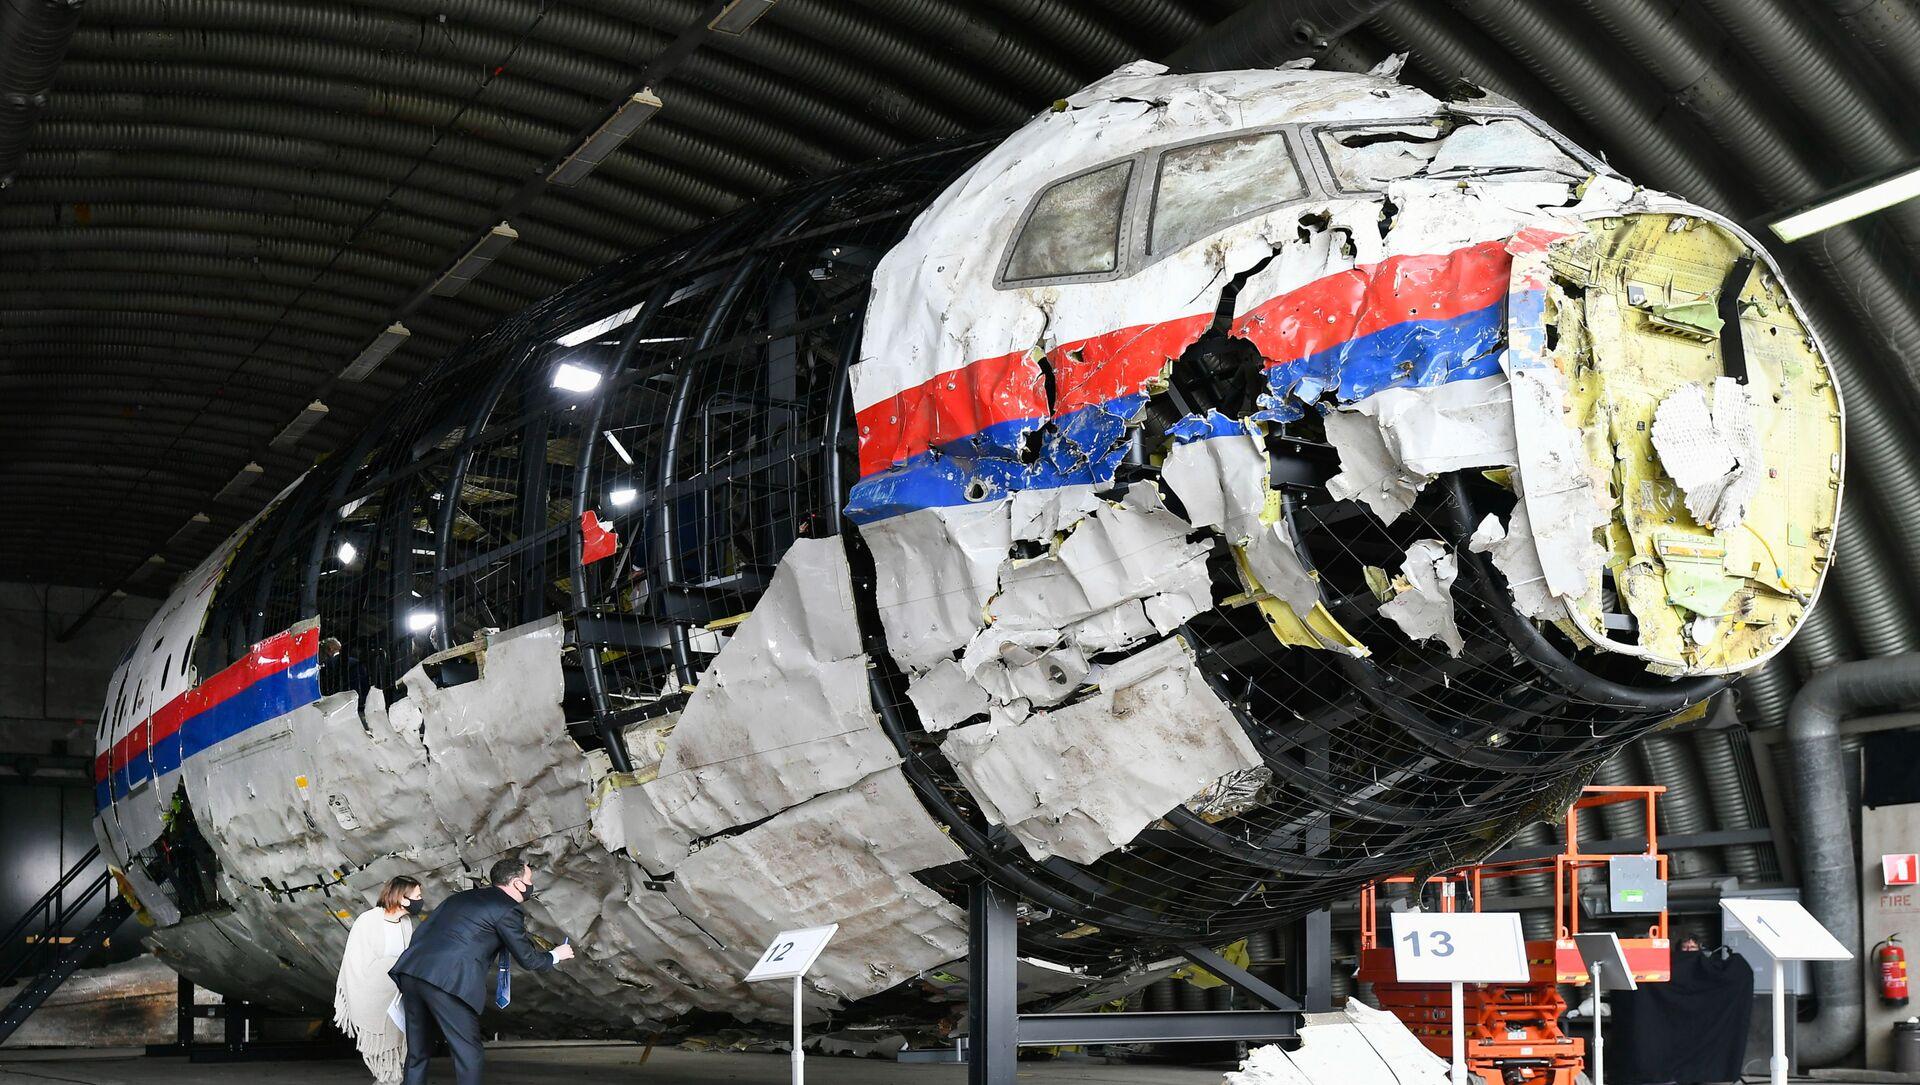 Zrekonstruowany wrak lotu MH17 Malaysia Airlines w bazie lotniczej Gilse-Reyen w Holandii - Sputnik Polska, 1920, 10.06.2021